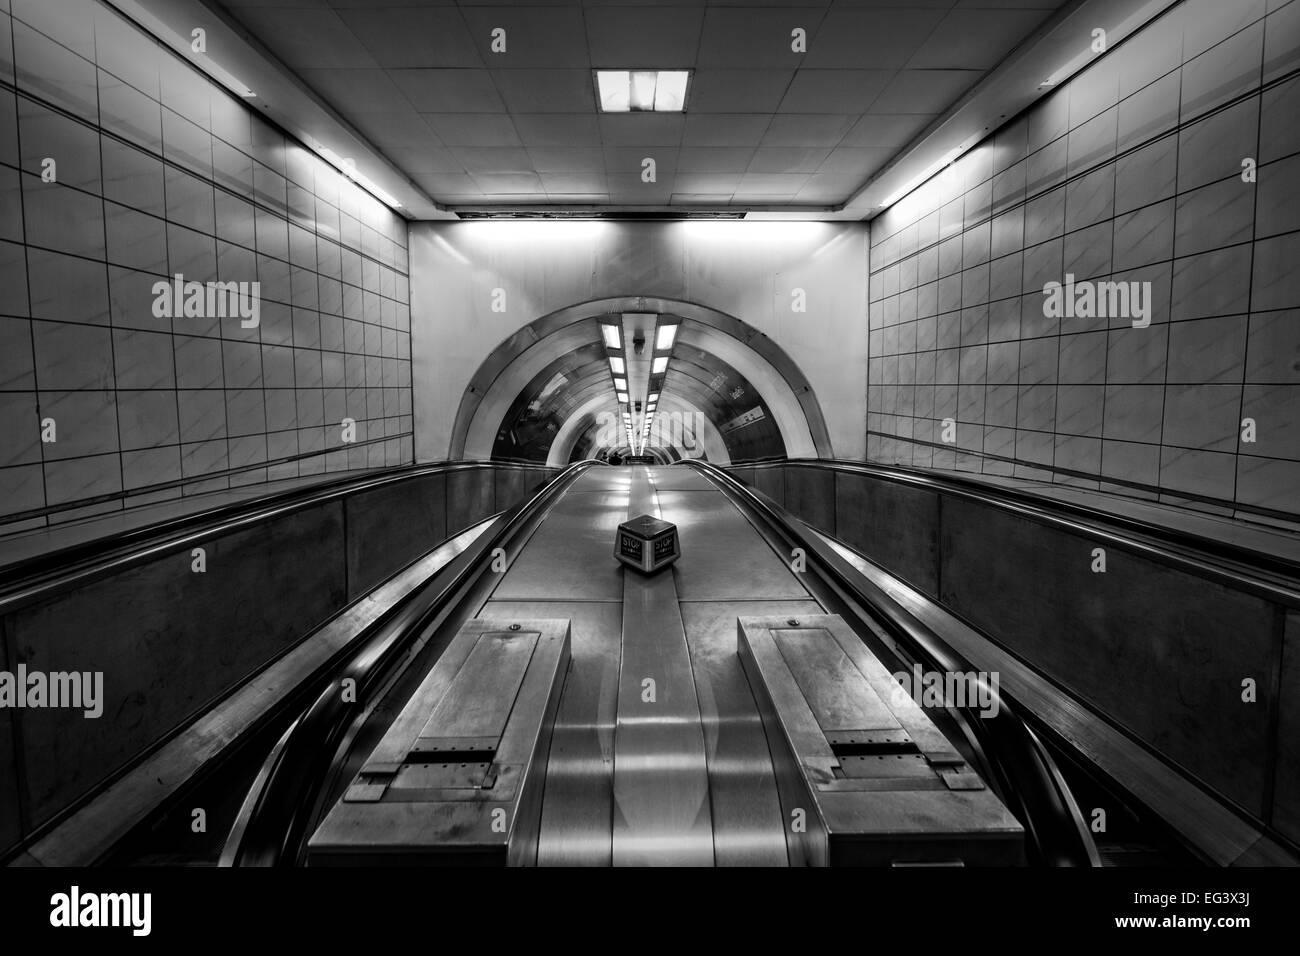 Bank Underground Station - Stock Image